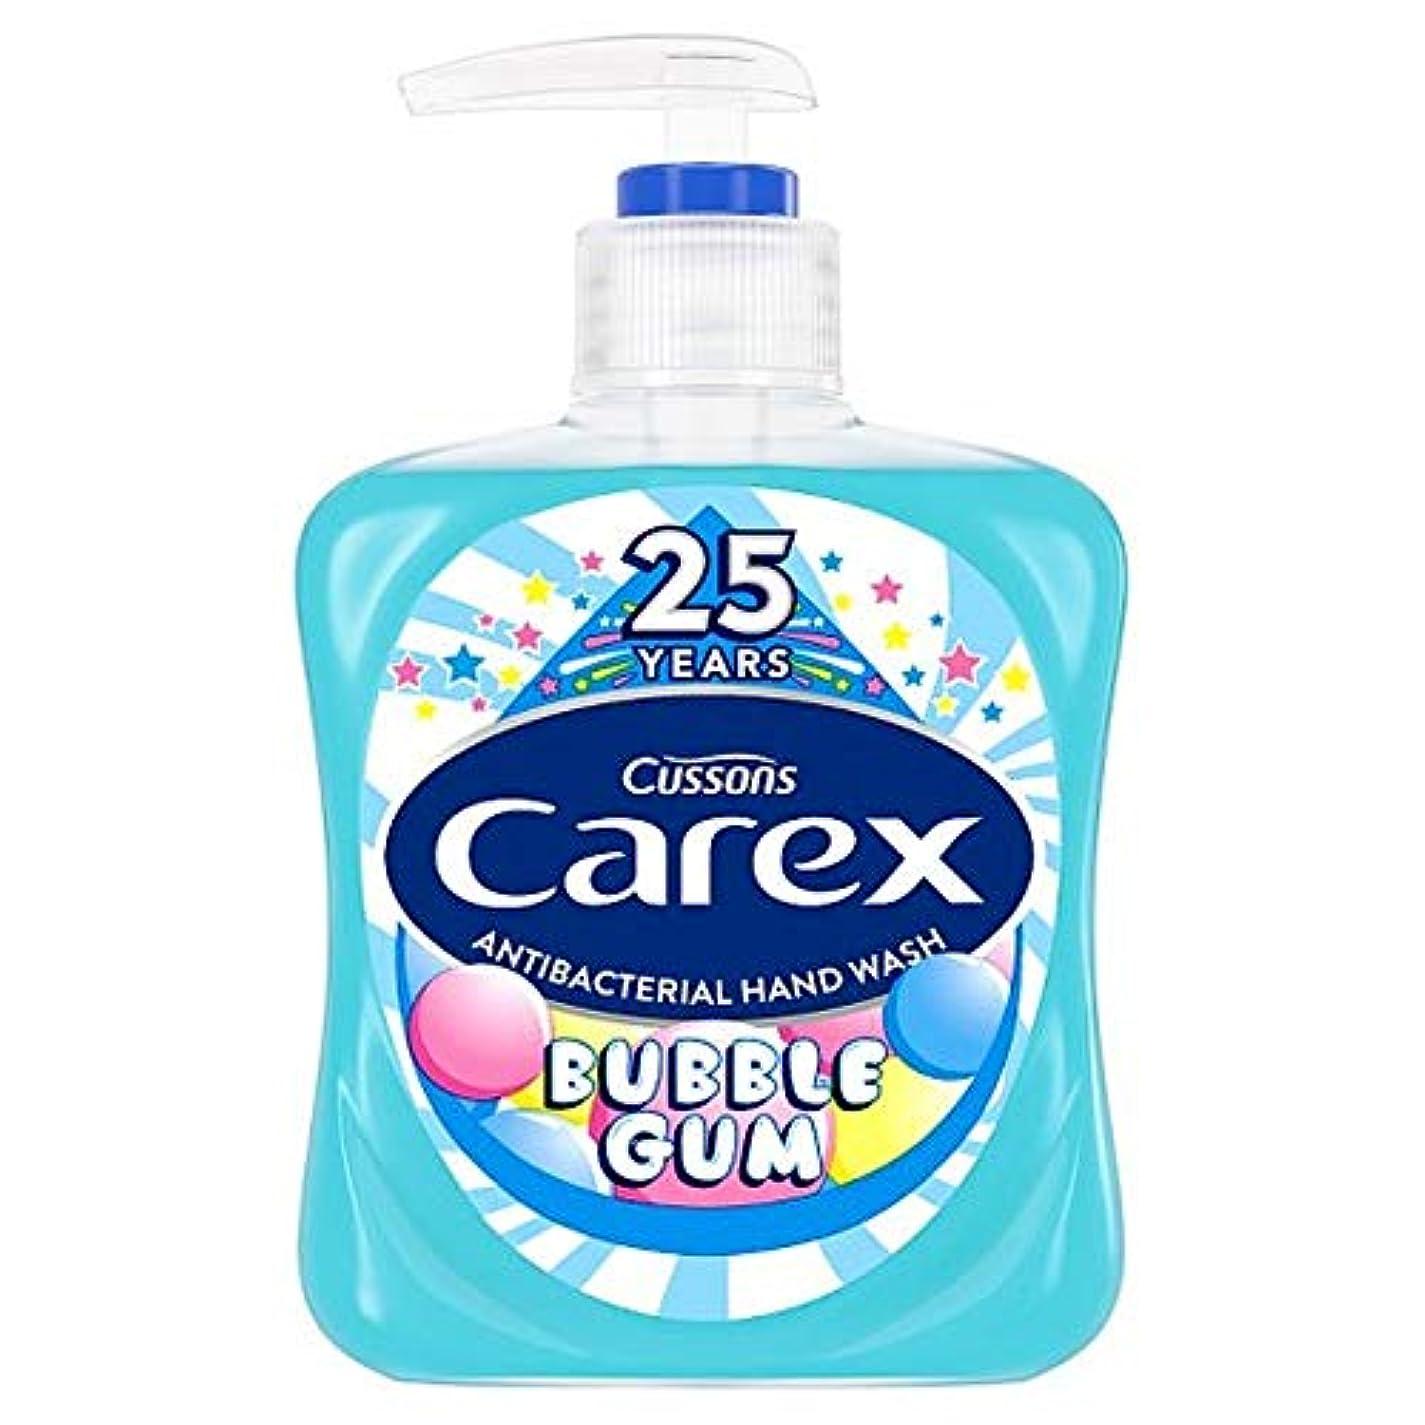 体操選手伝統魔術師[Carex] スゲ子供手洗いバブルガムの250ミリリットル - Carex Kids Handwash Bubblegum 250Ml [並行輸入品]